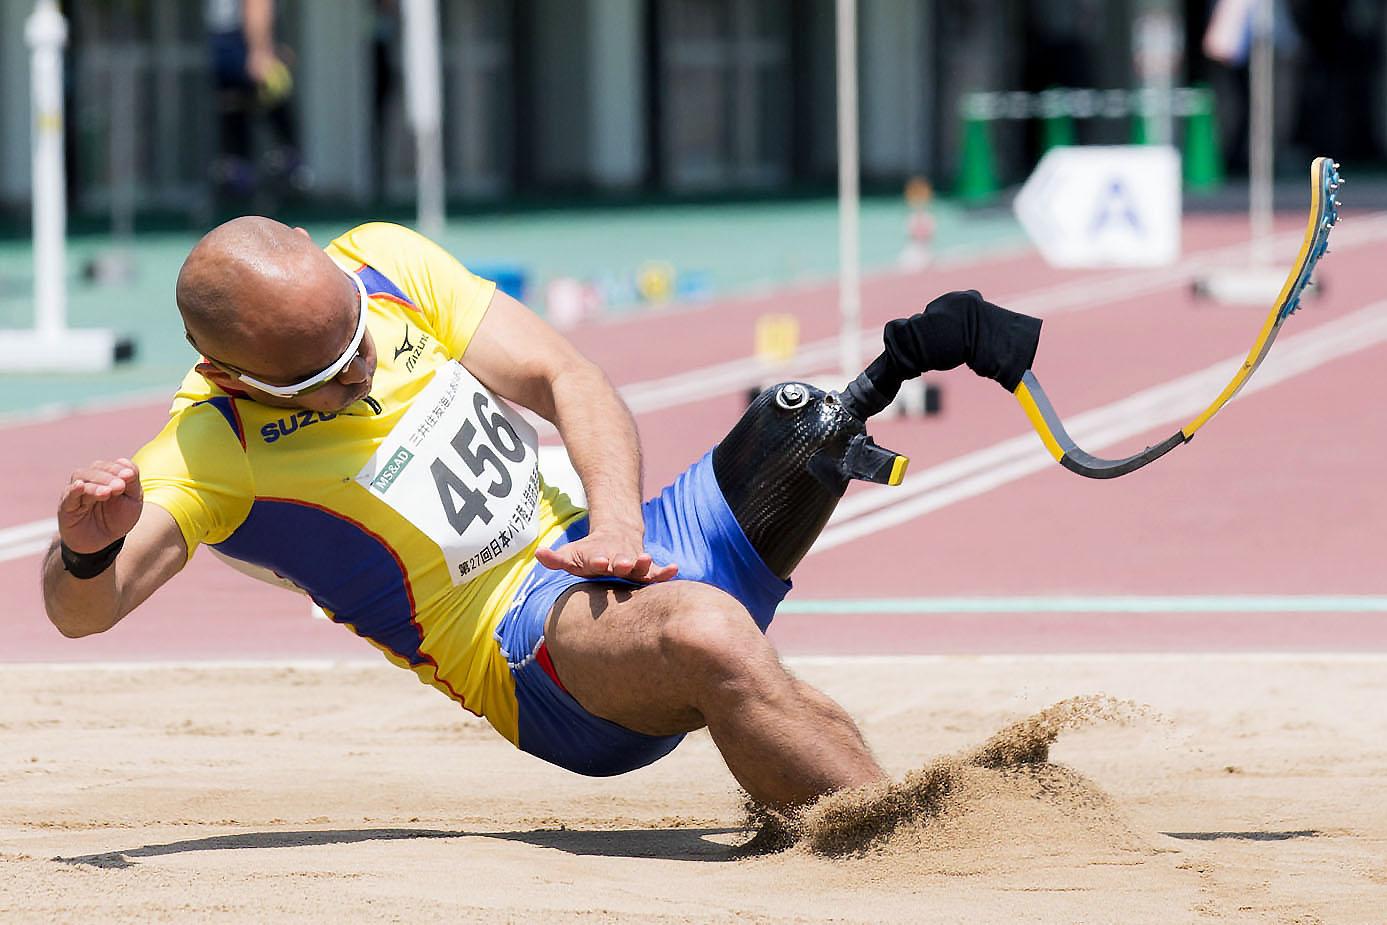 5月の日本パラ選手権で6m56の世界新記録を樹立した山本(撮影:越智貴雄)